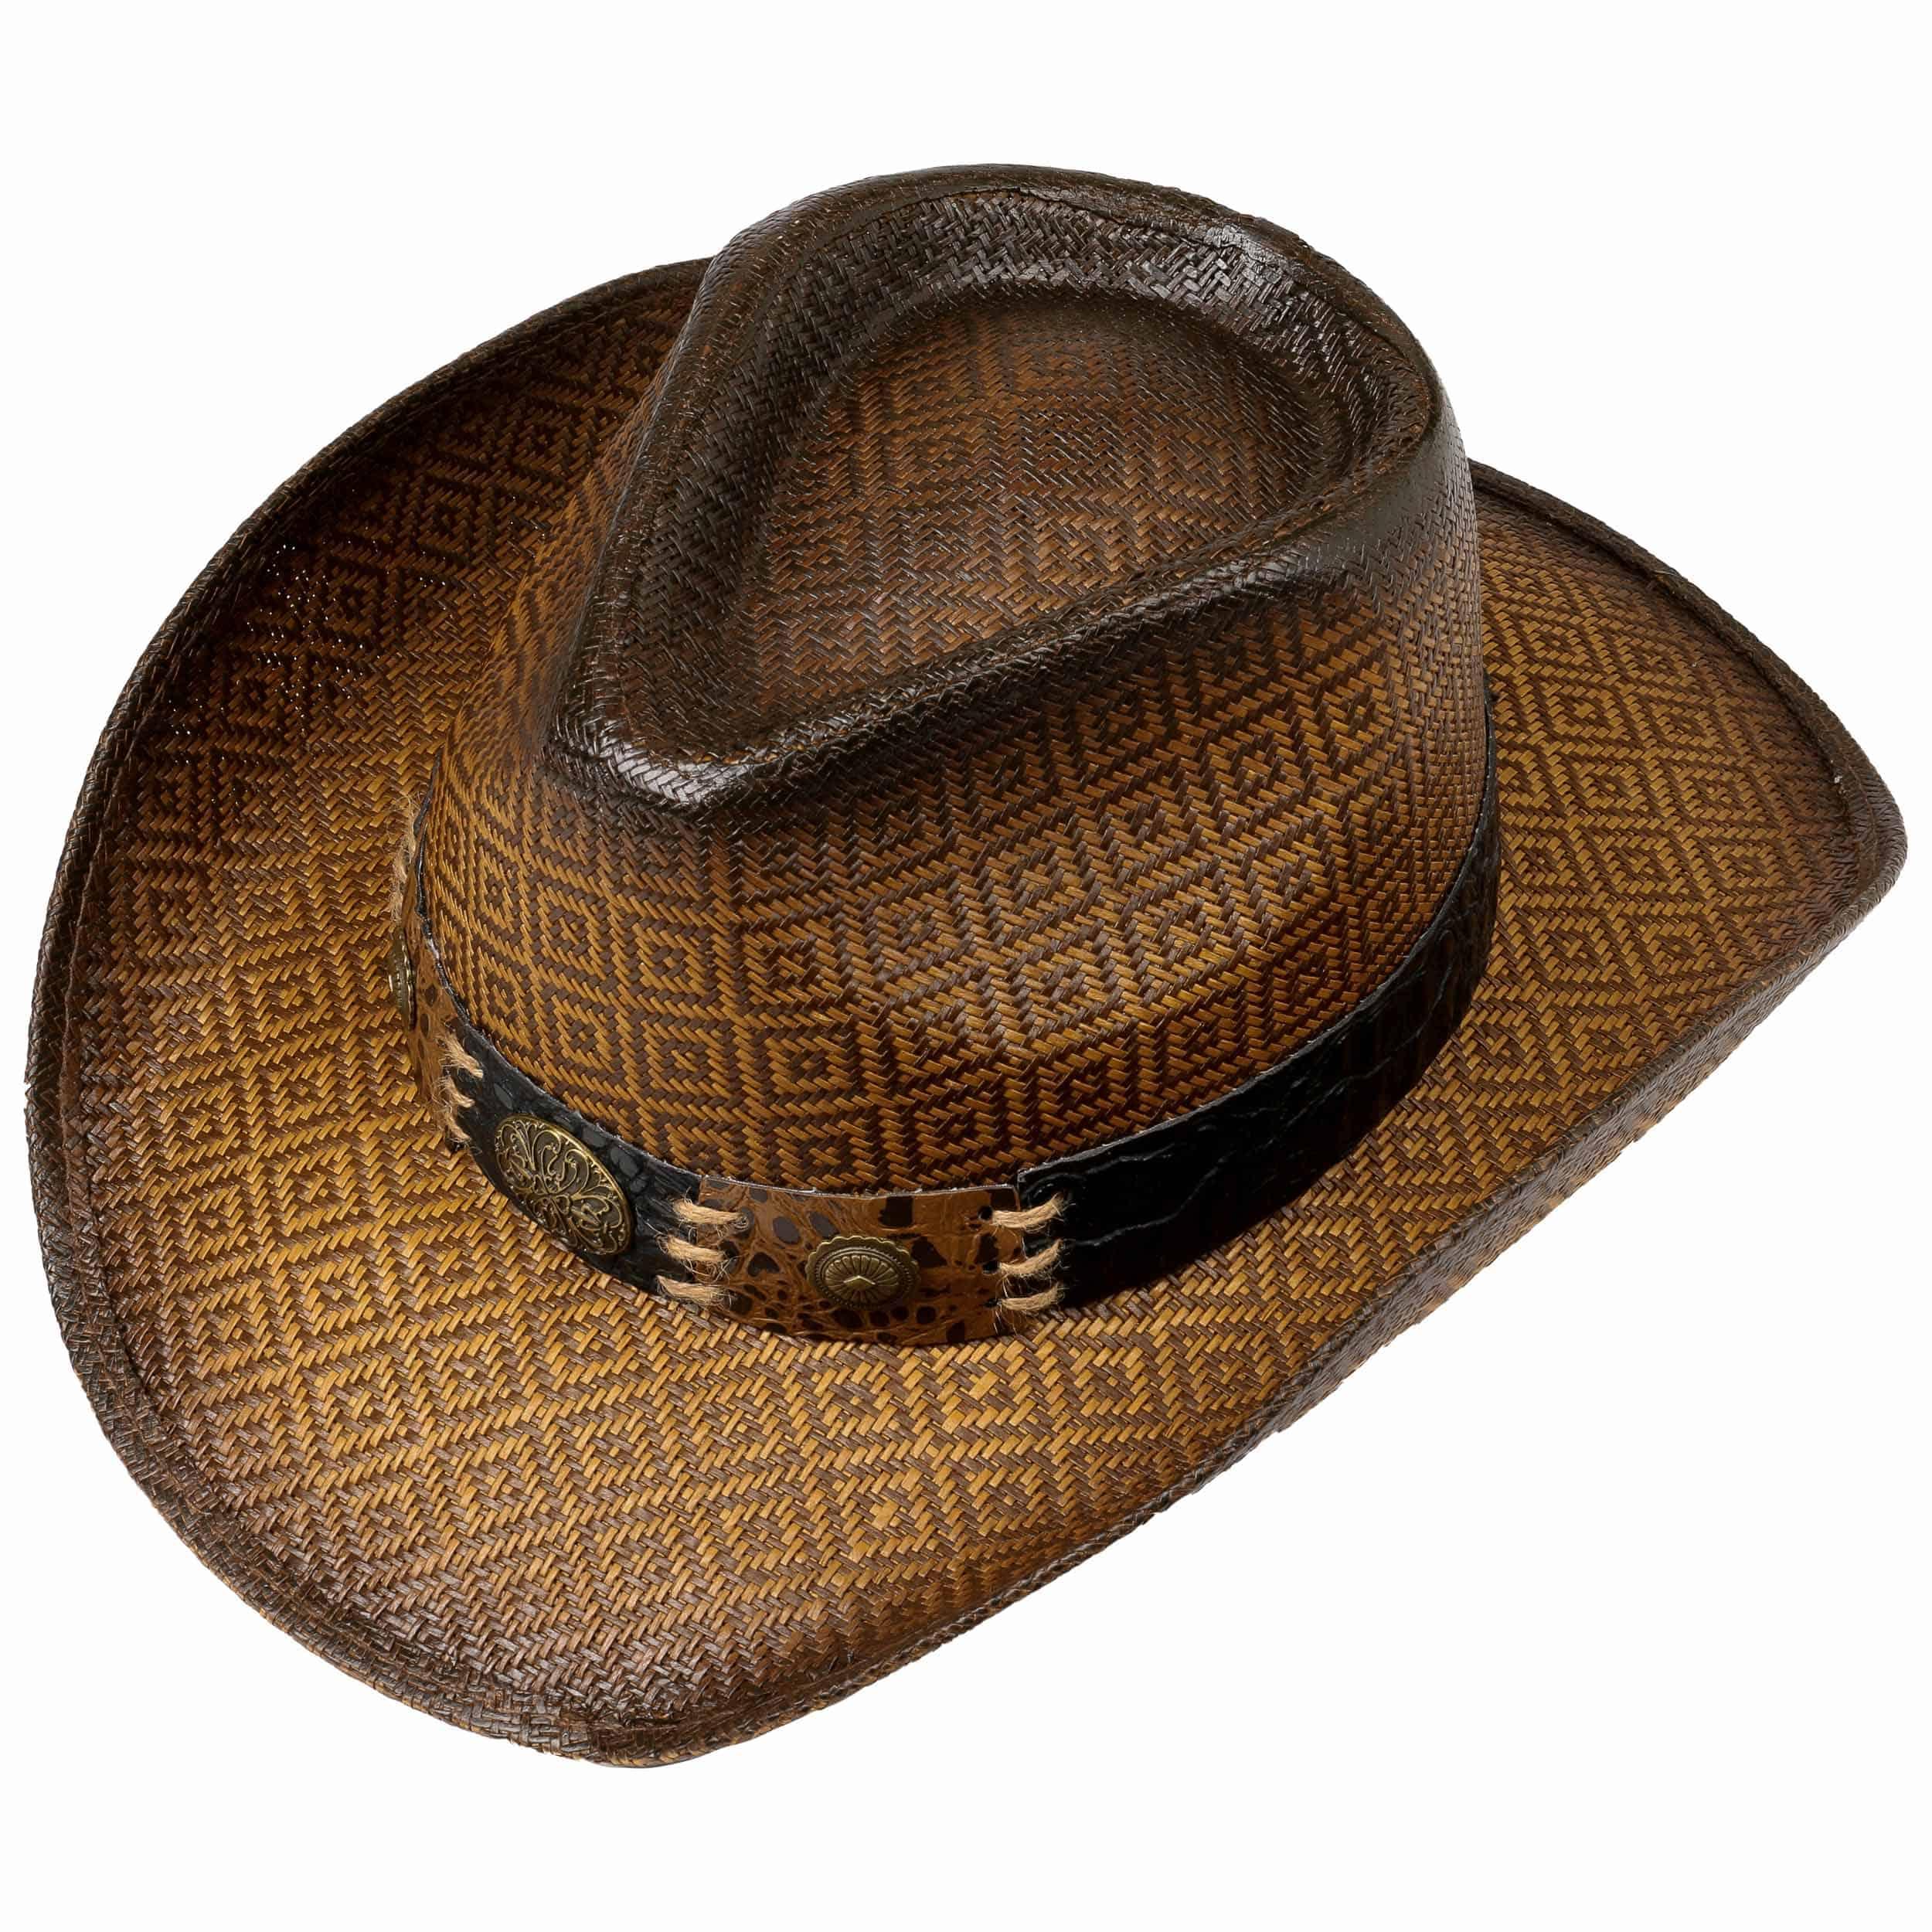 Cappello da Cowboy Squares by Lipodo - marrone 1 ... 19f287a01797